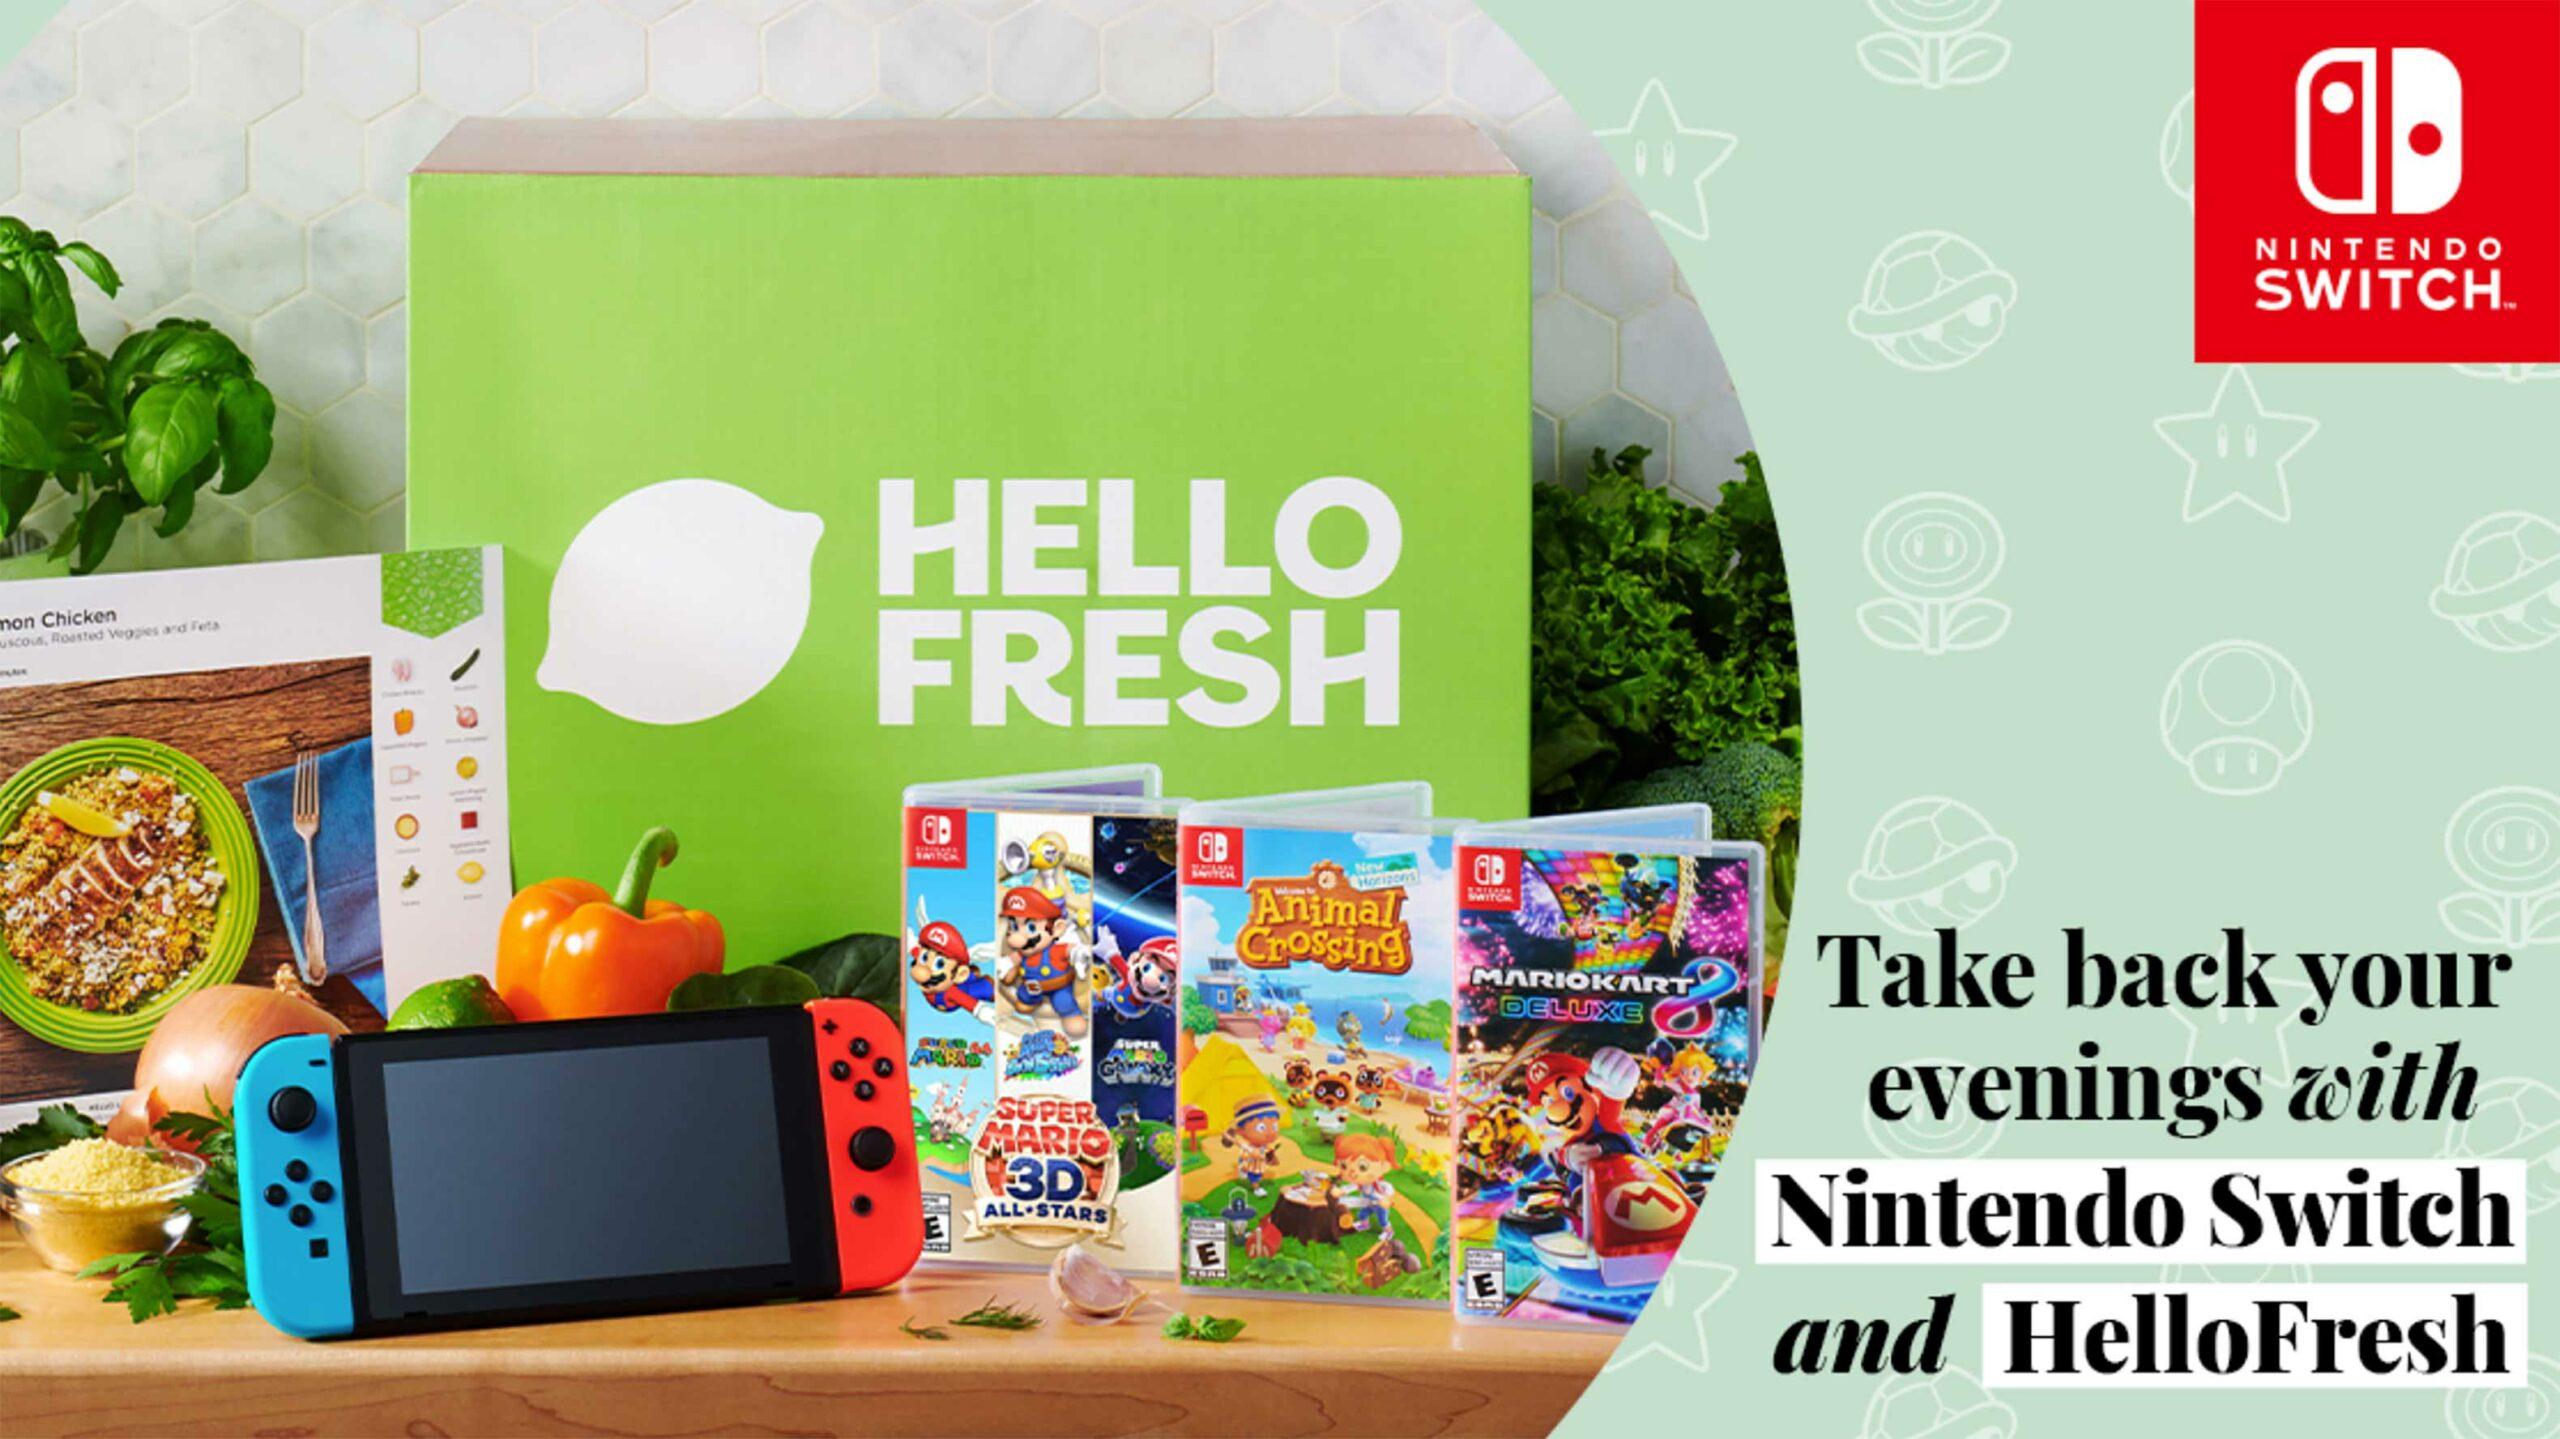 HelloFresh Nintendo